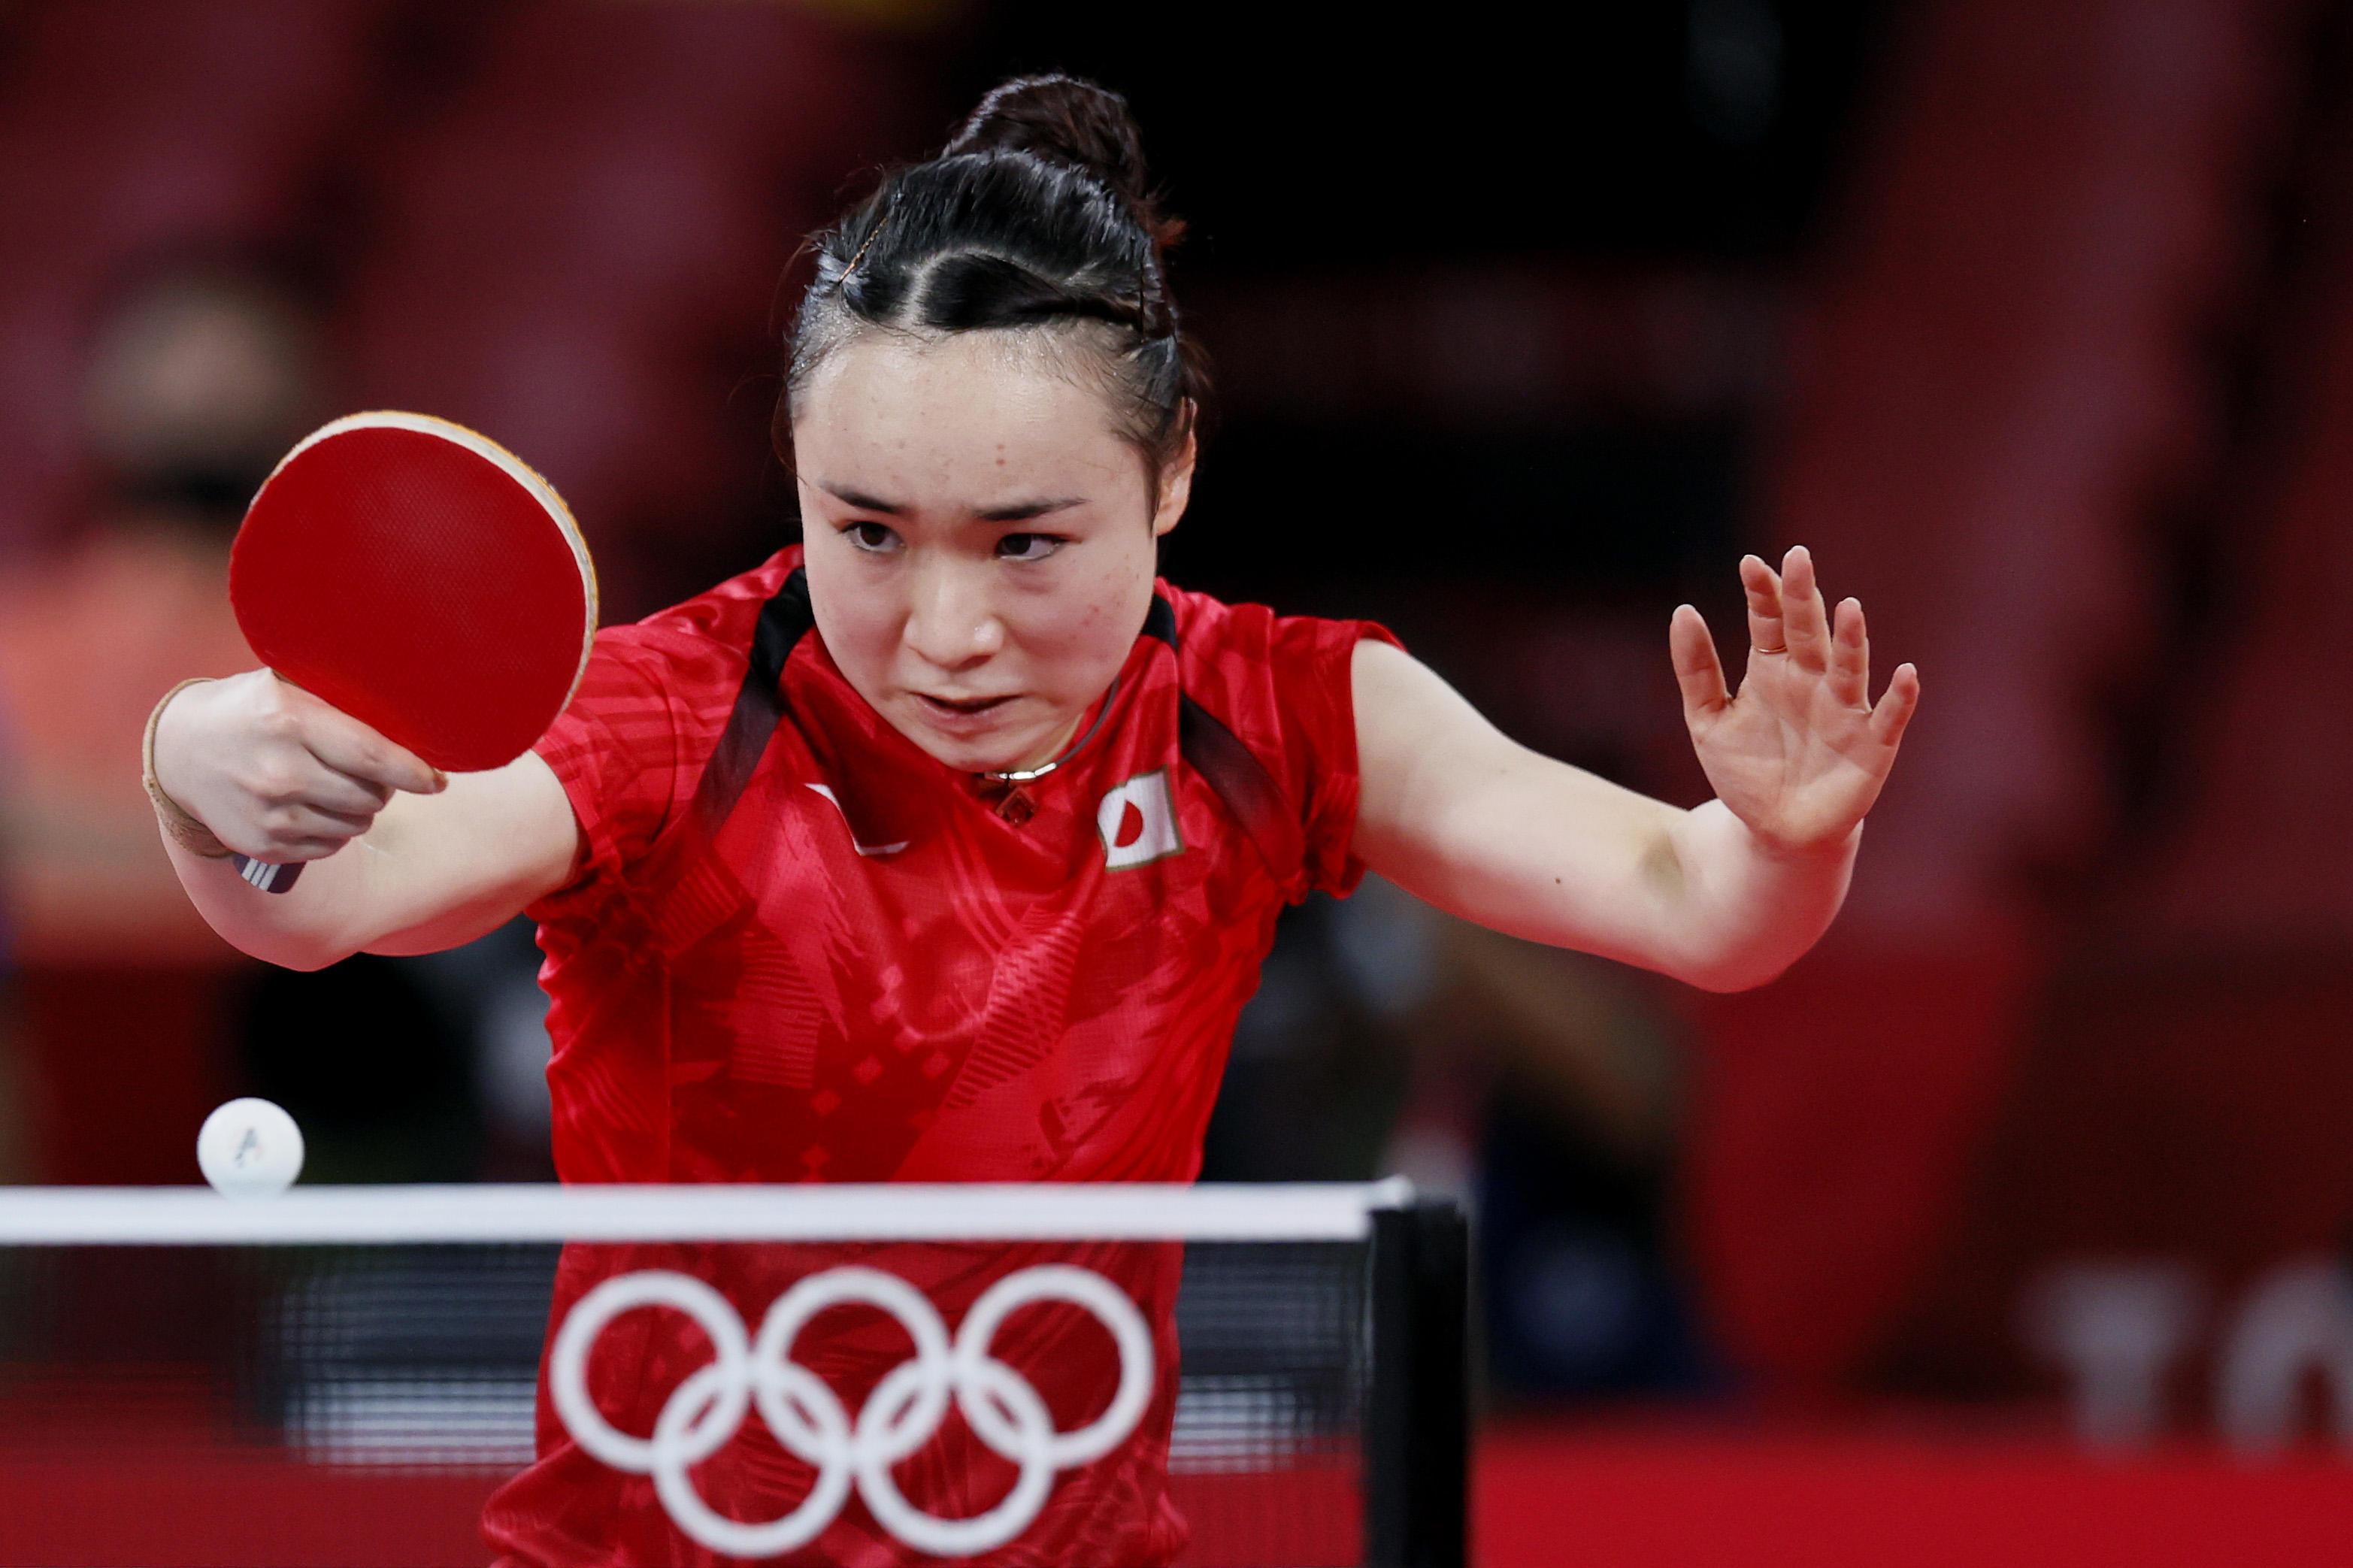 伊藤美誠「3-0で勝ててすごく自信になった。明日も楽しんで勝ちに行く」【五輪卓球 団体】